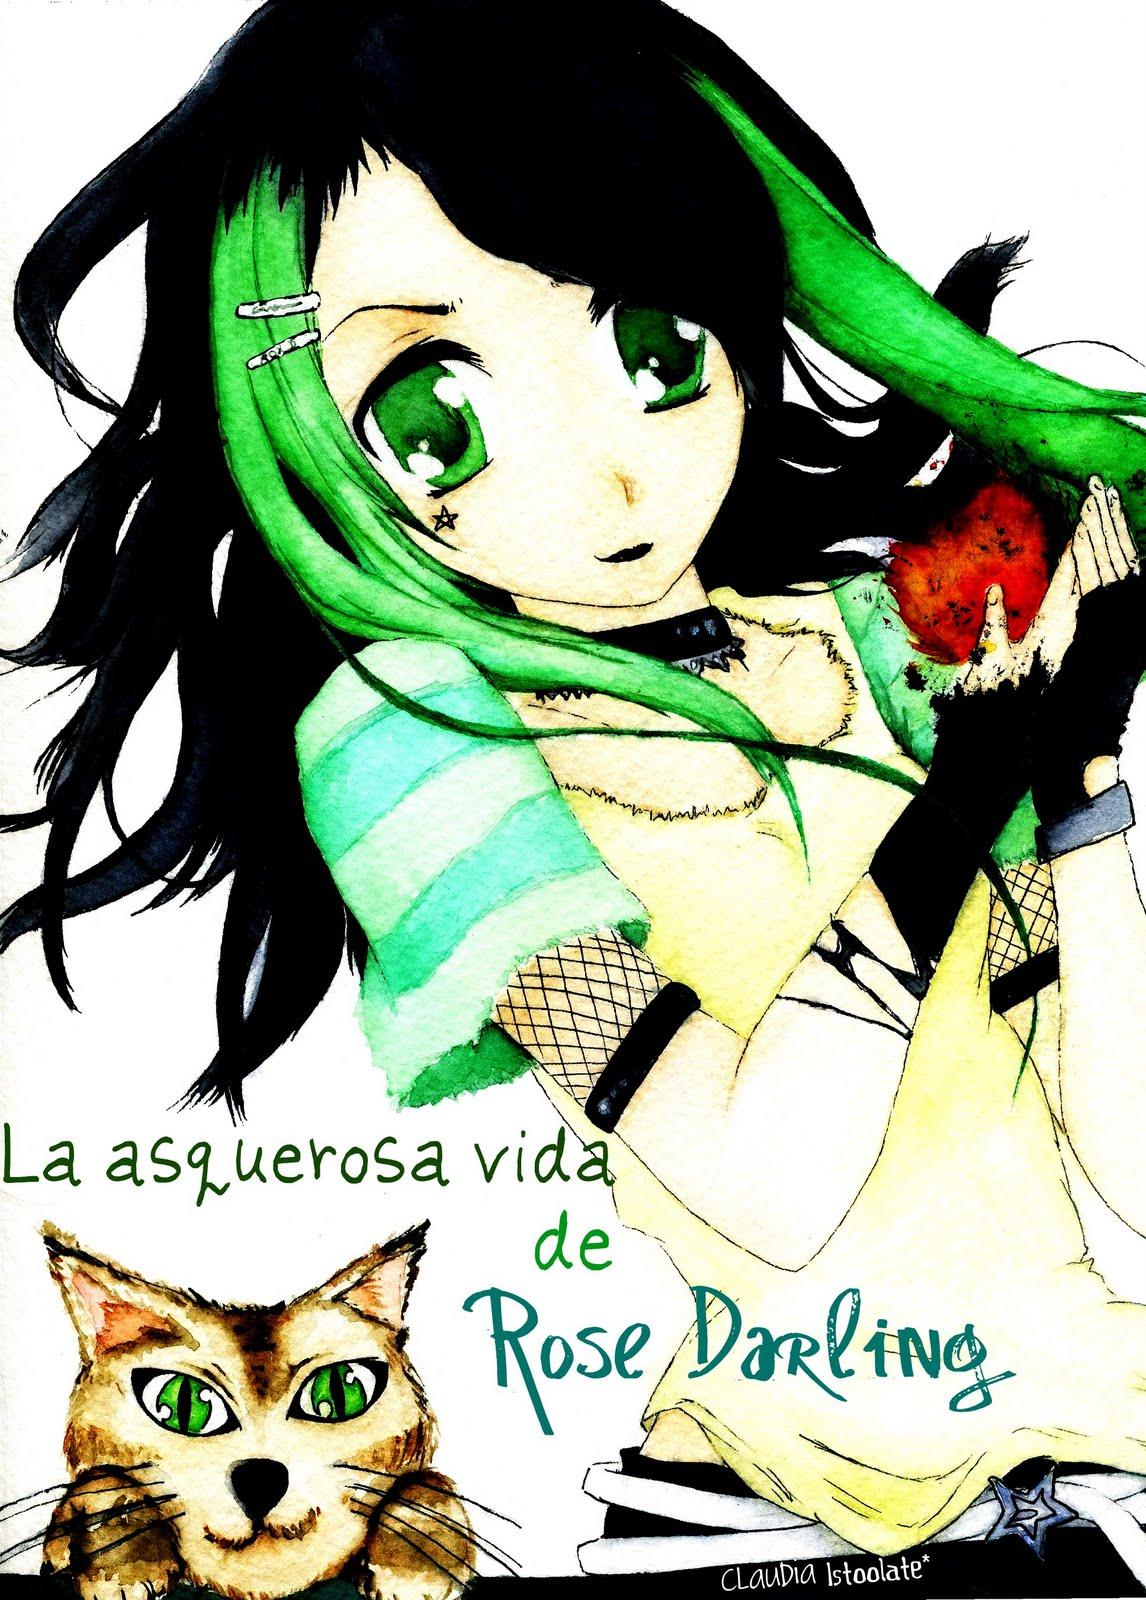 La asquerosa vida de Rose Darling.